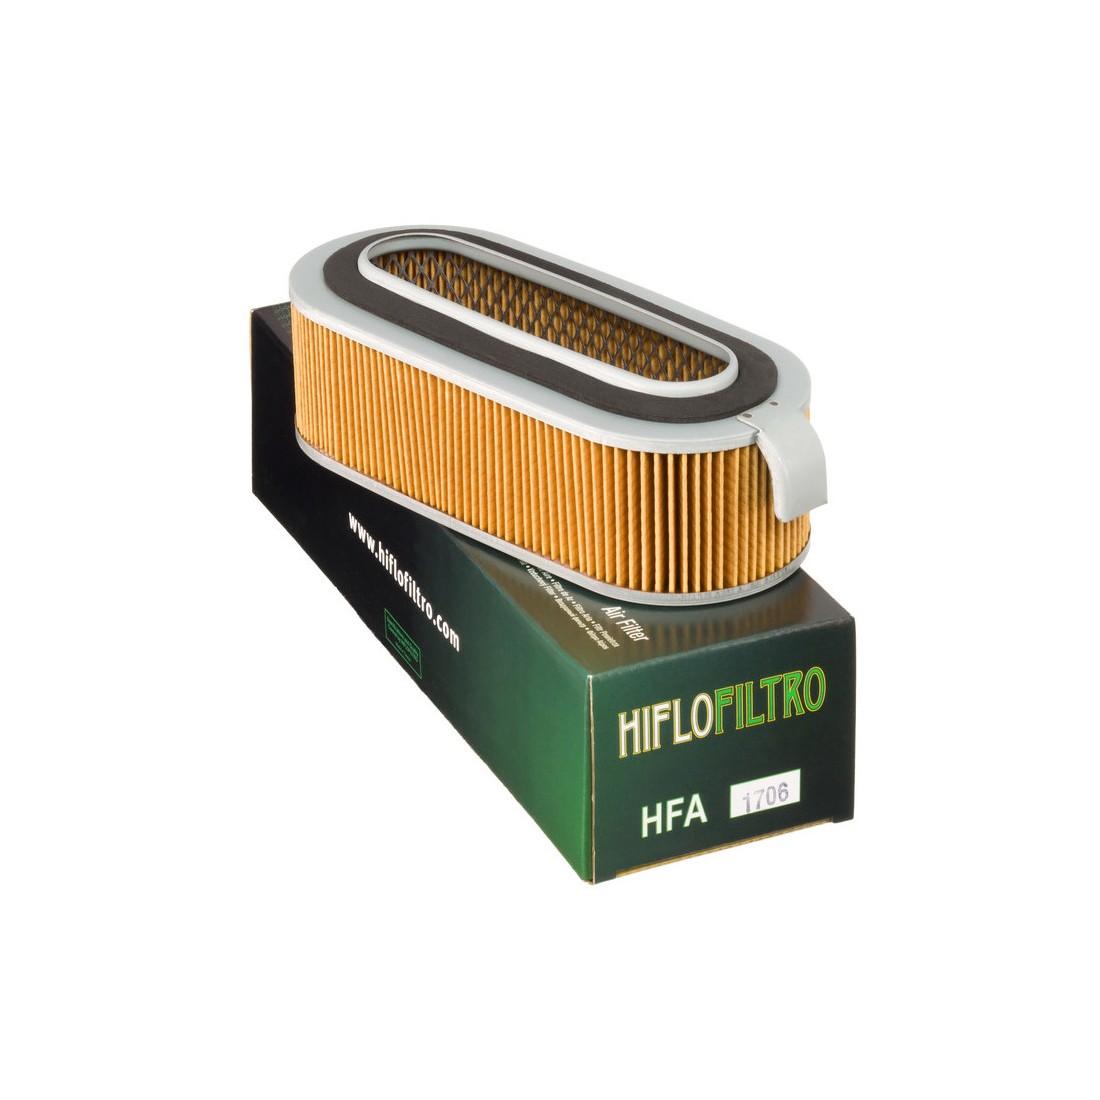 Filtro Aire Hiflofiltro HFA1706